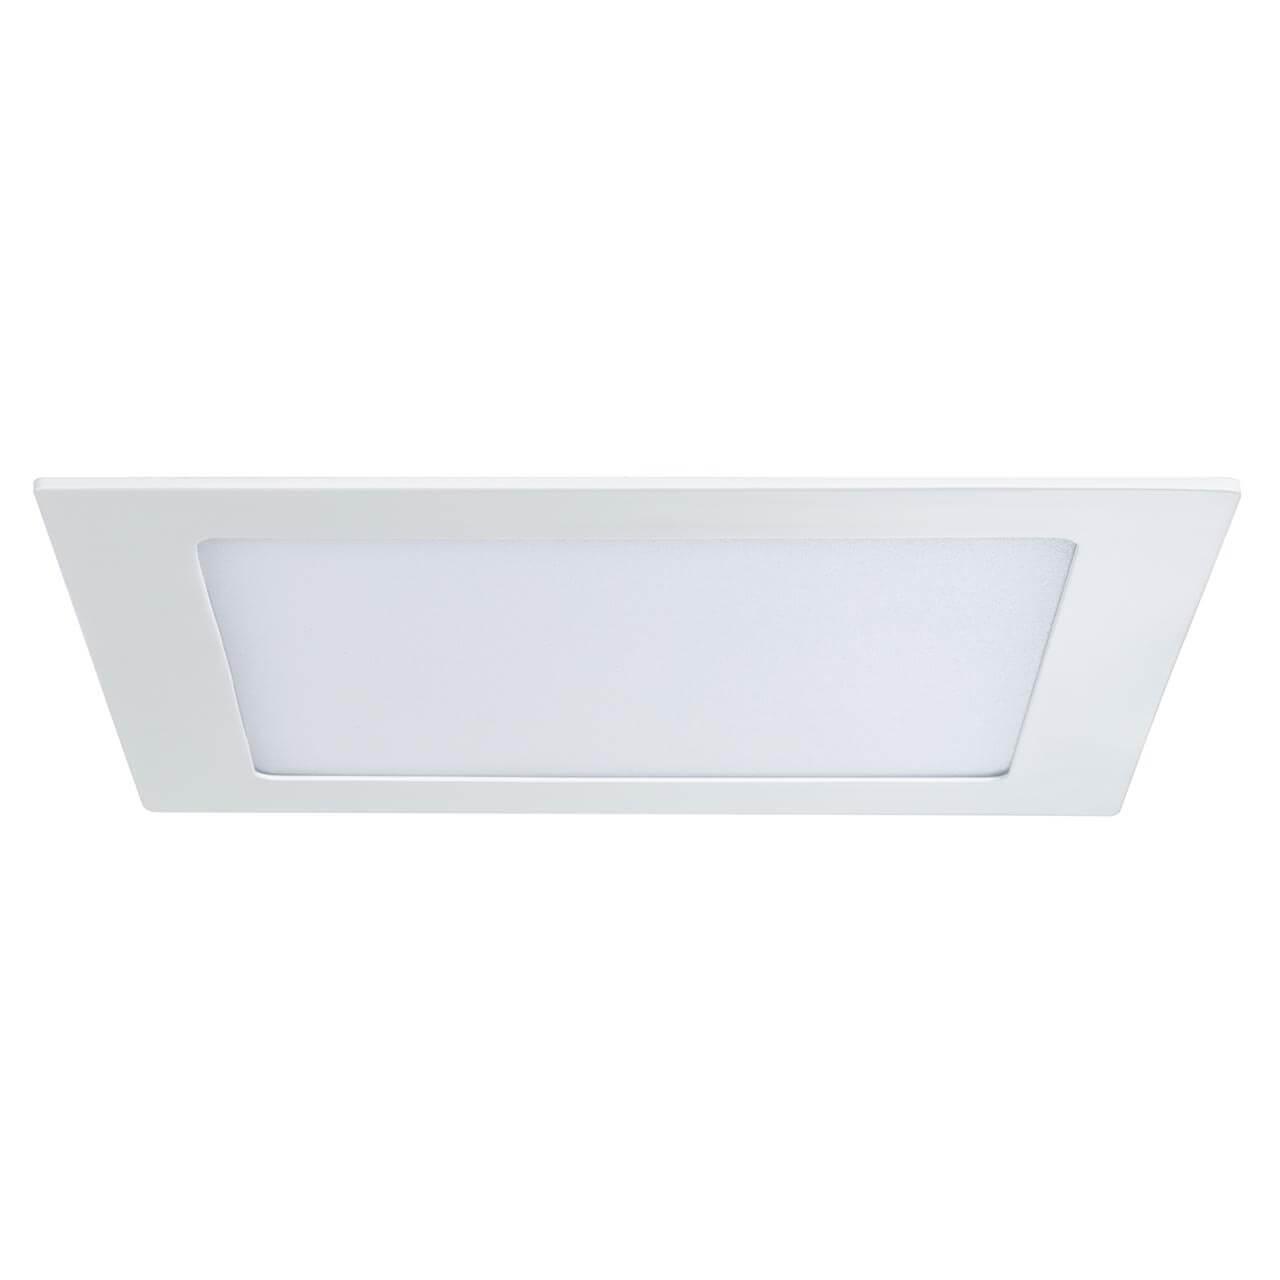 Встраиваемый светодиодный светильник Paulmann Premium Line Panel 92703